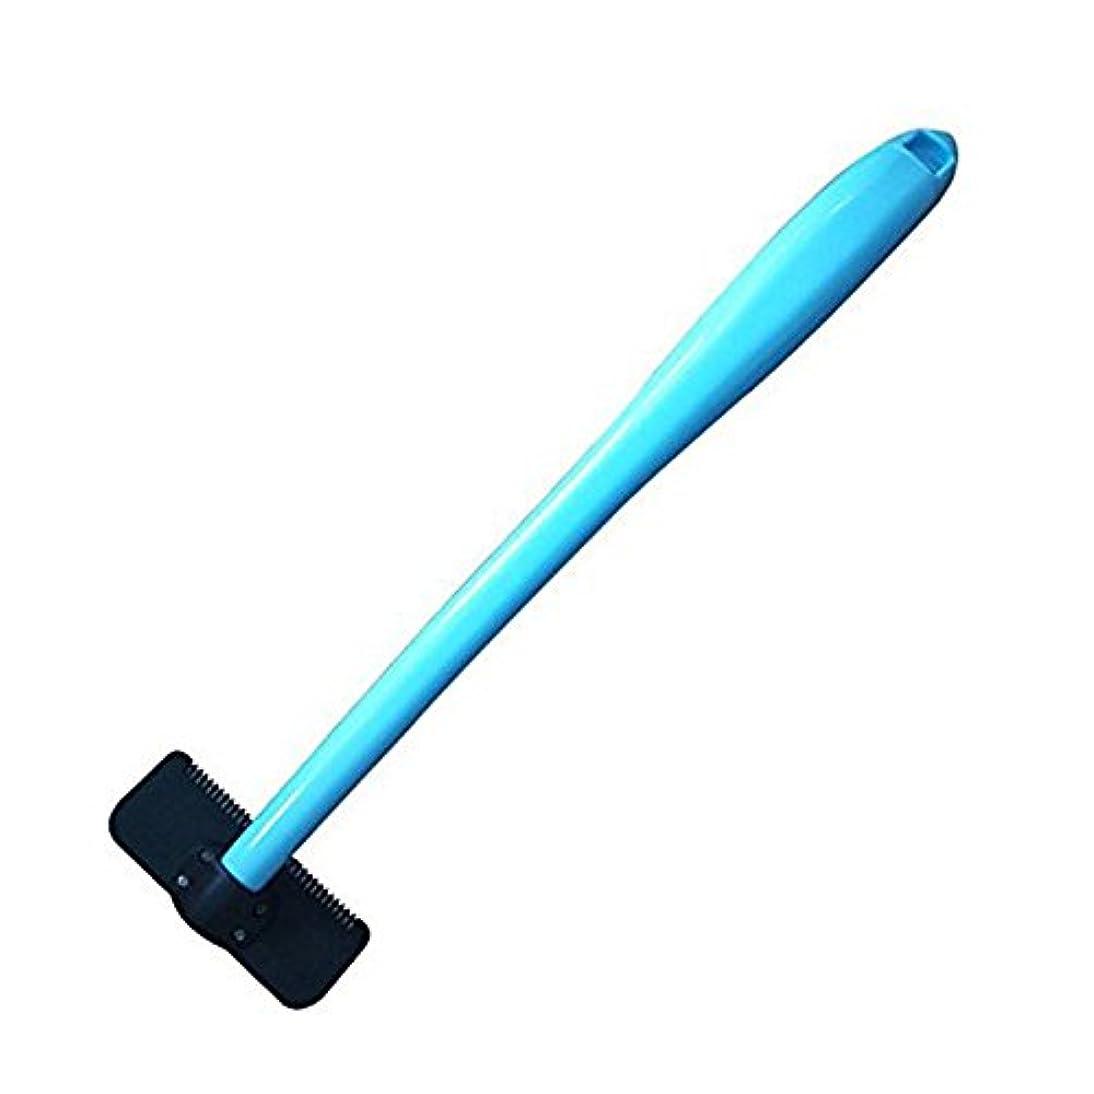 認識賞賛する祝福するLiebeye バックシェイバー メンズ バックヘアプラスチックロングシェービングハンドルシェーバーボディヘアケア ブルー